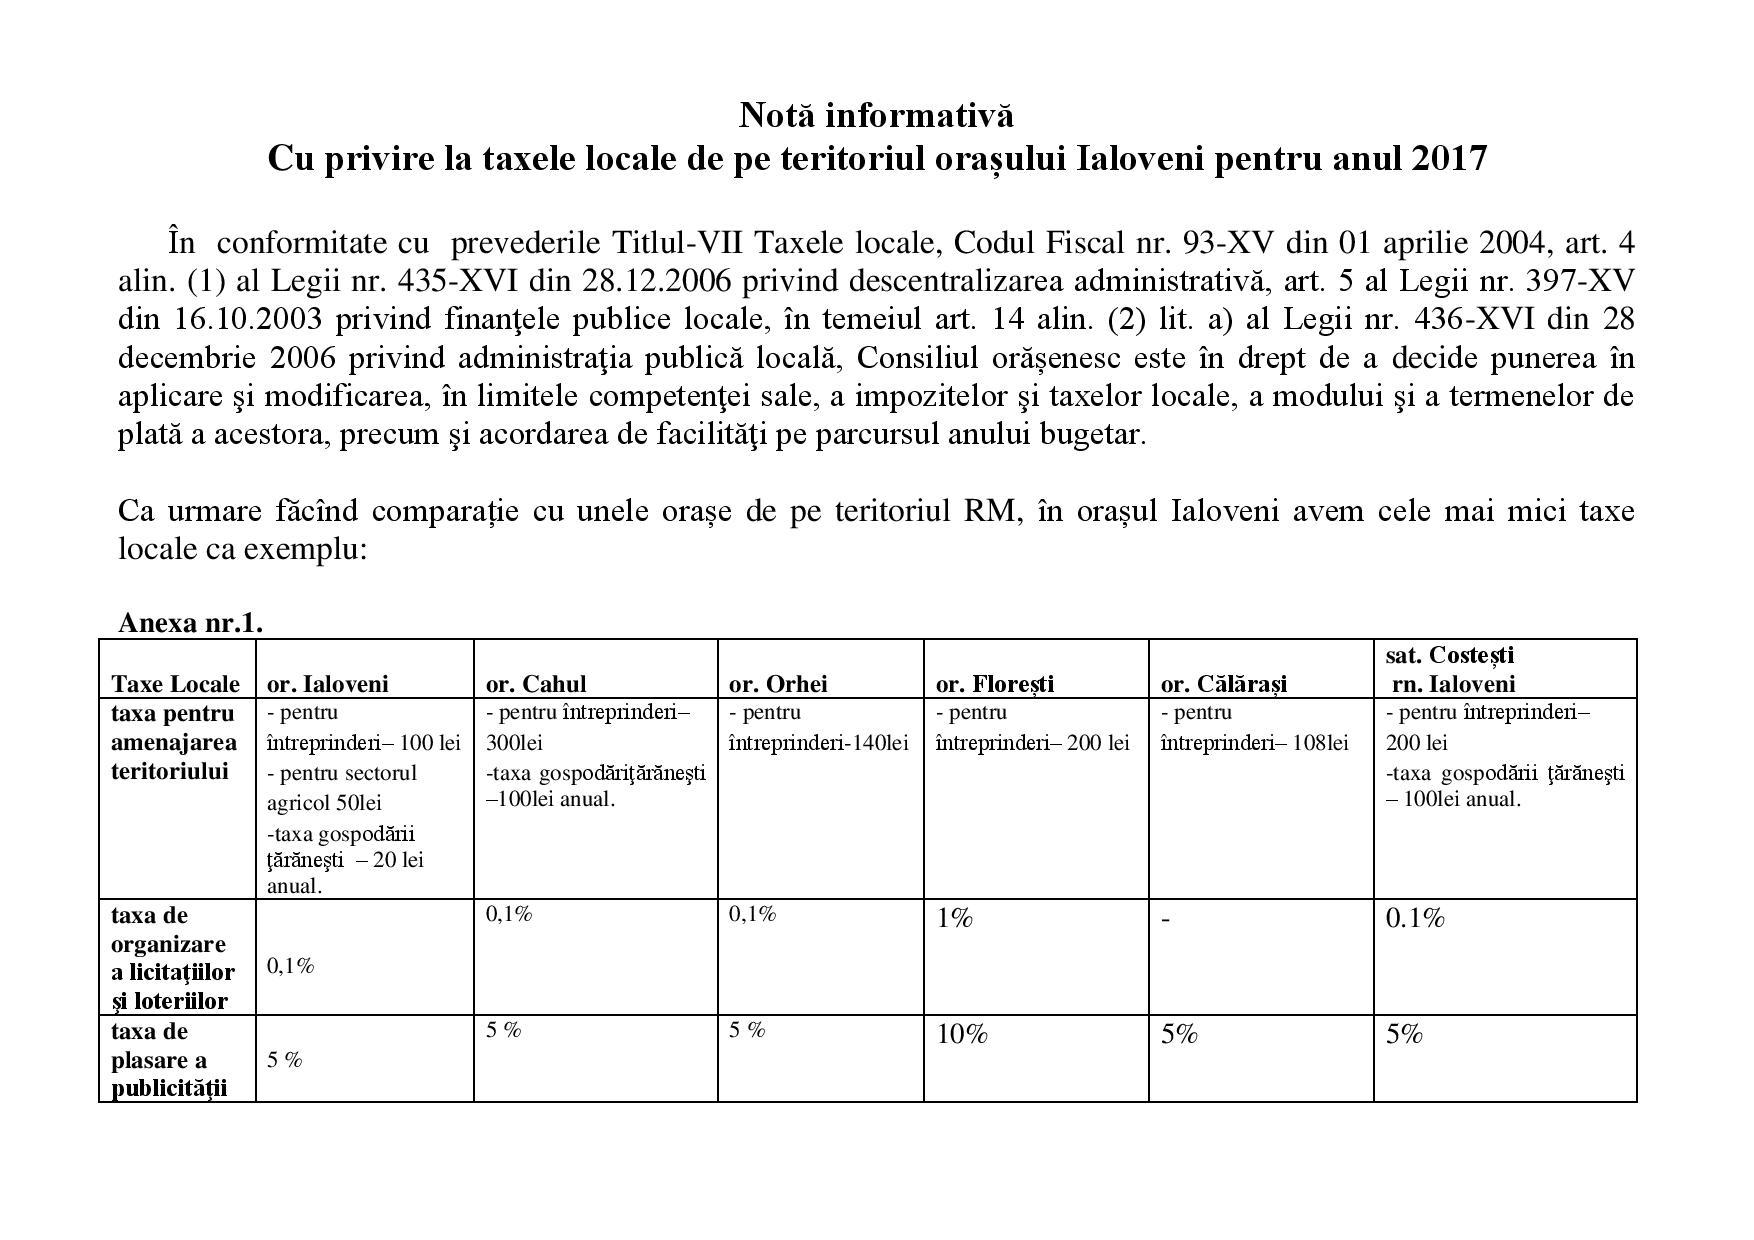 11nota-informativa-taxe-locale-din-orasul-ialoveni-page-001